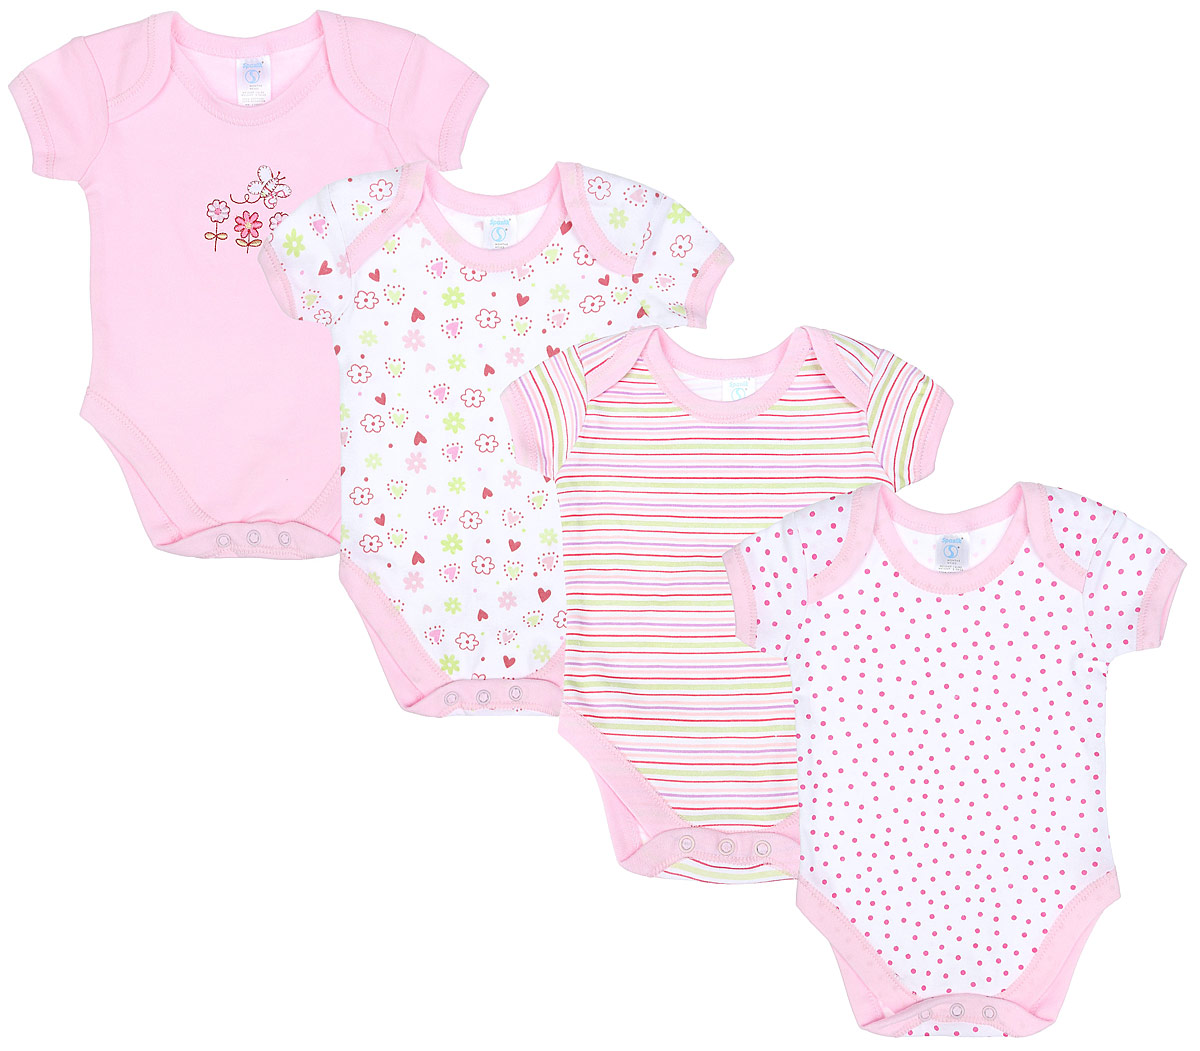 Боди для девочки Spasilk, цвет: розовый, 4 шт. ON S4HS3. Размер 52-62, 0-3 месяца